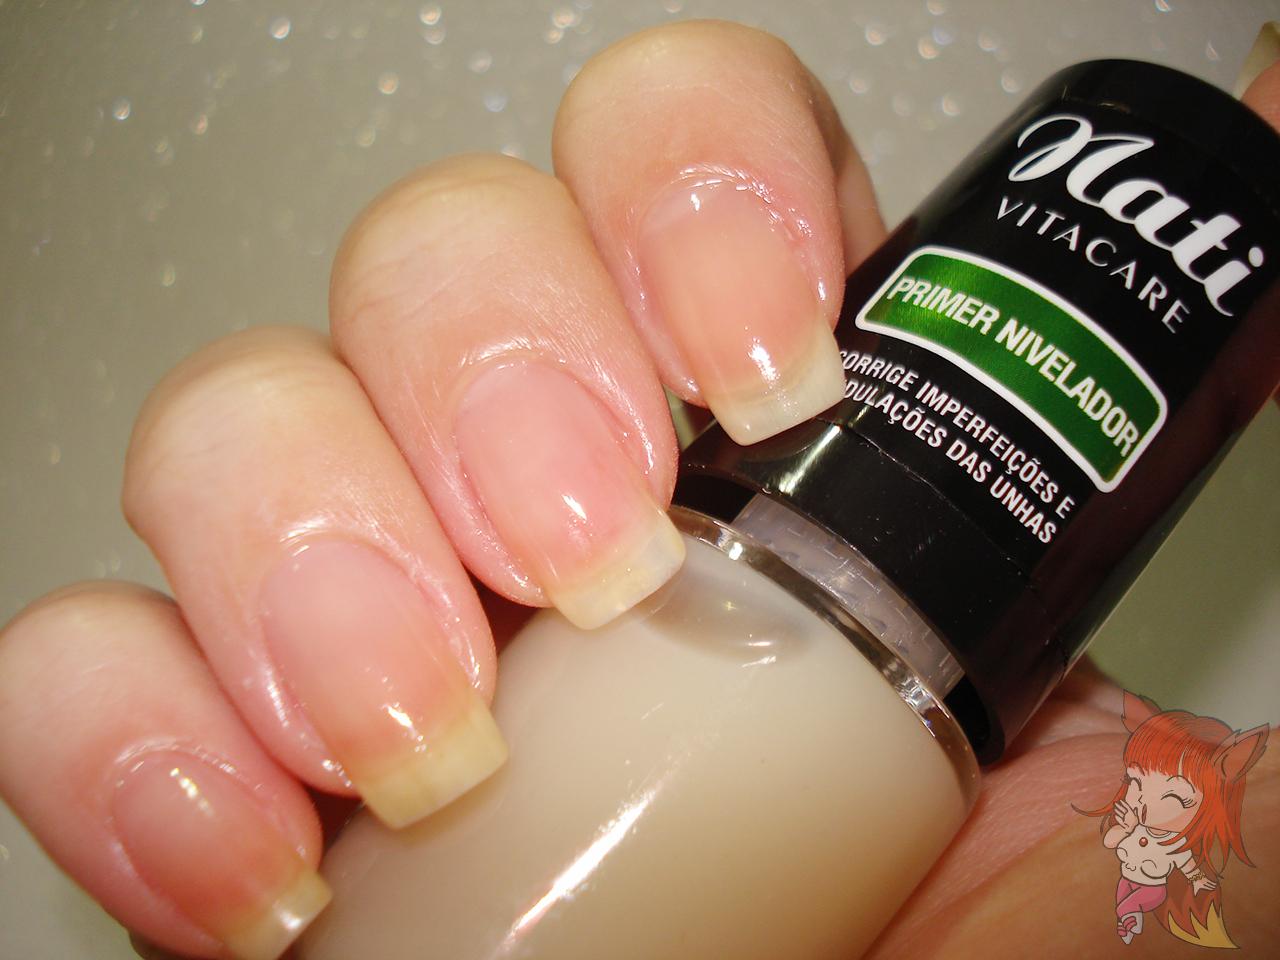 Linha Vitacare de cuidados com as unhas Nati :: Resenha